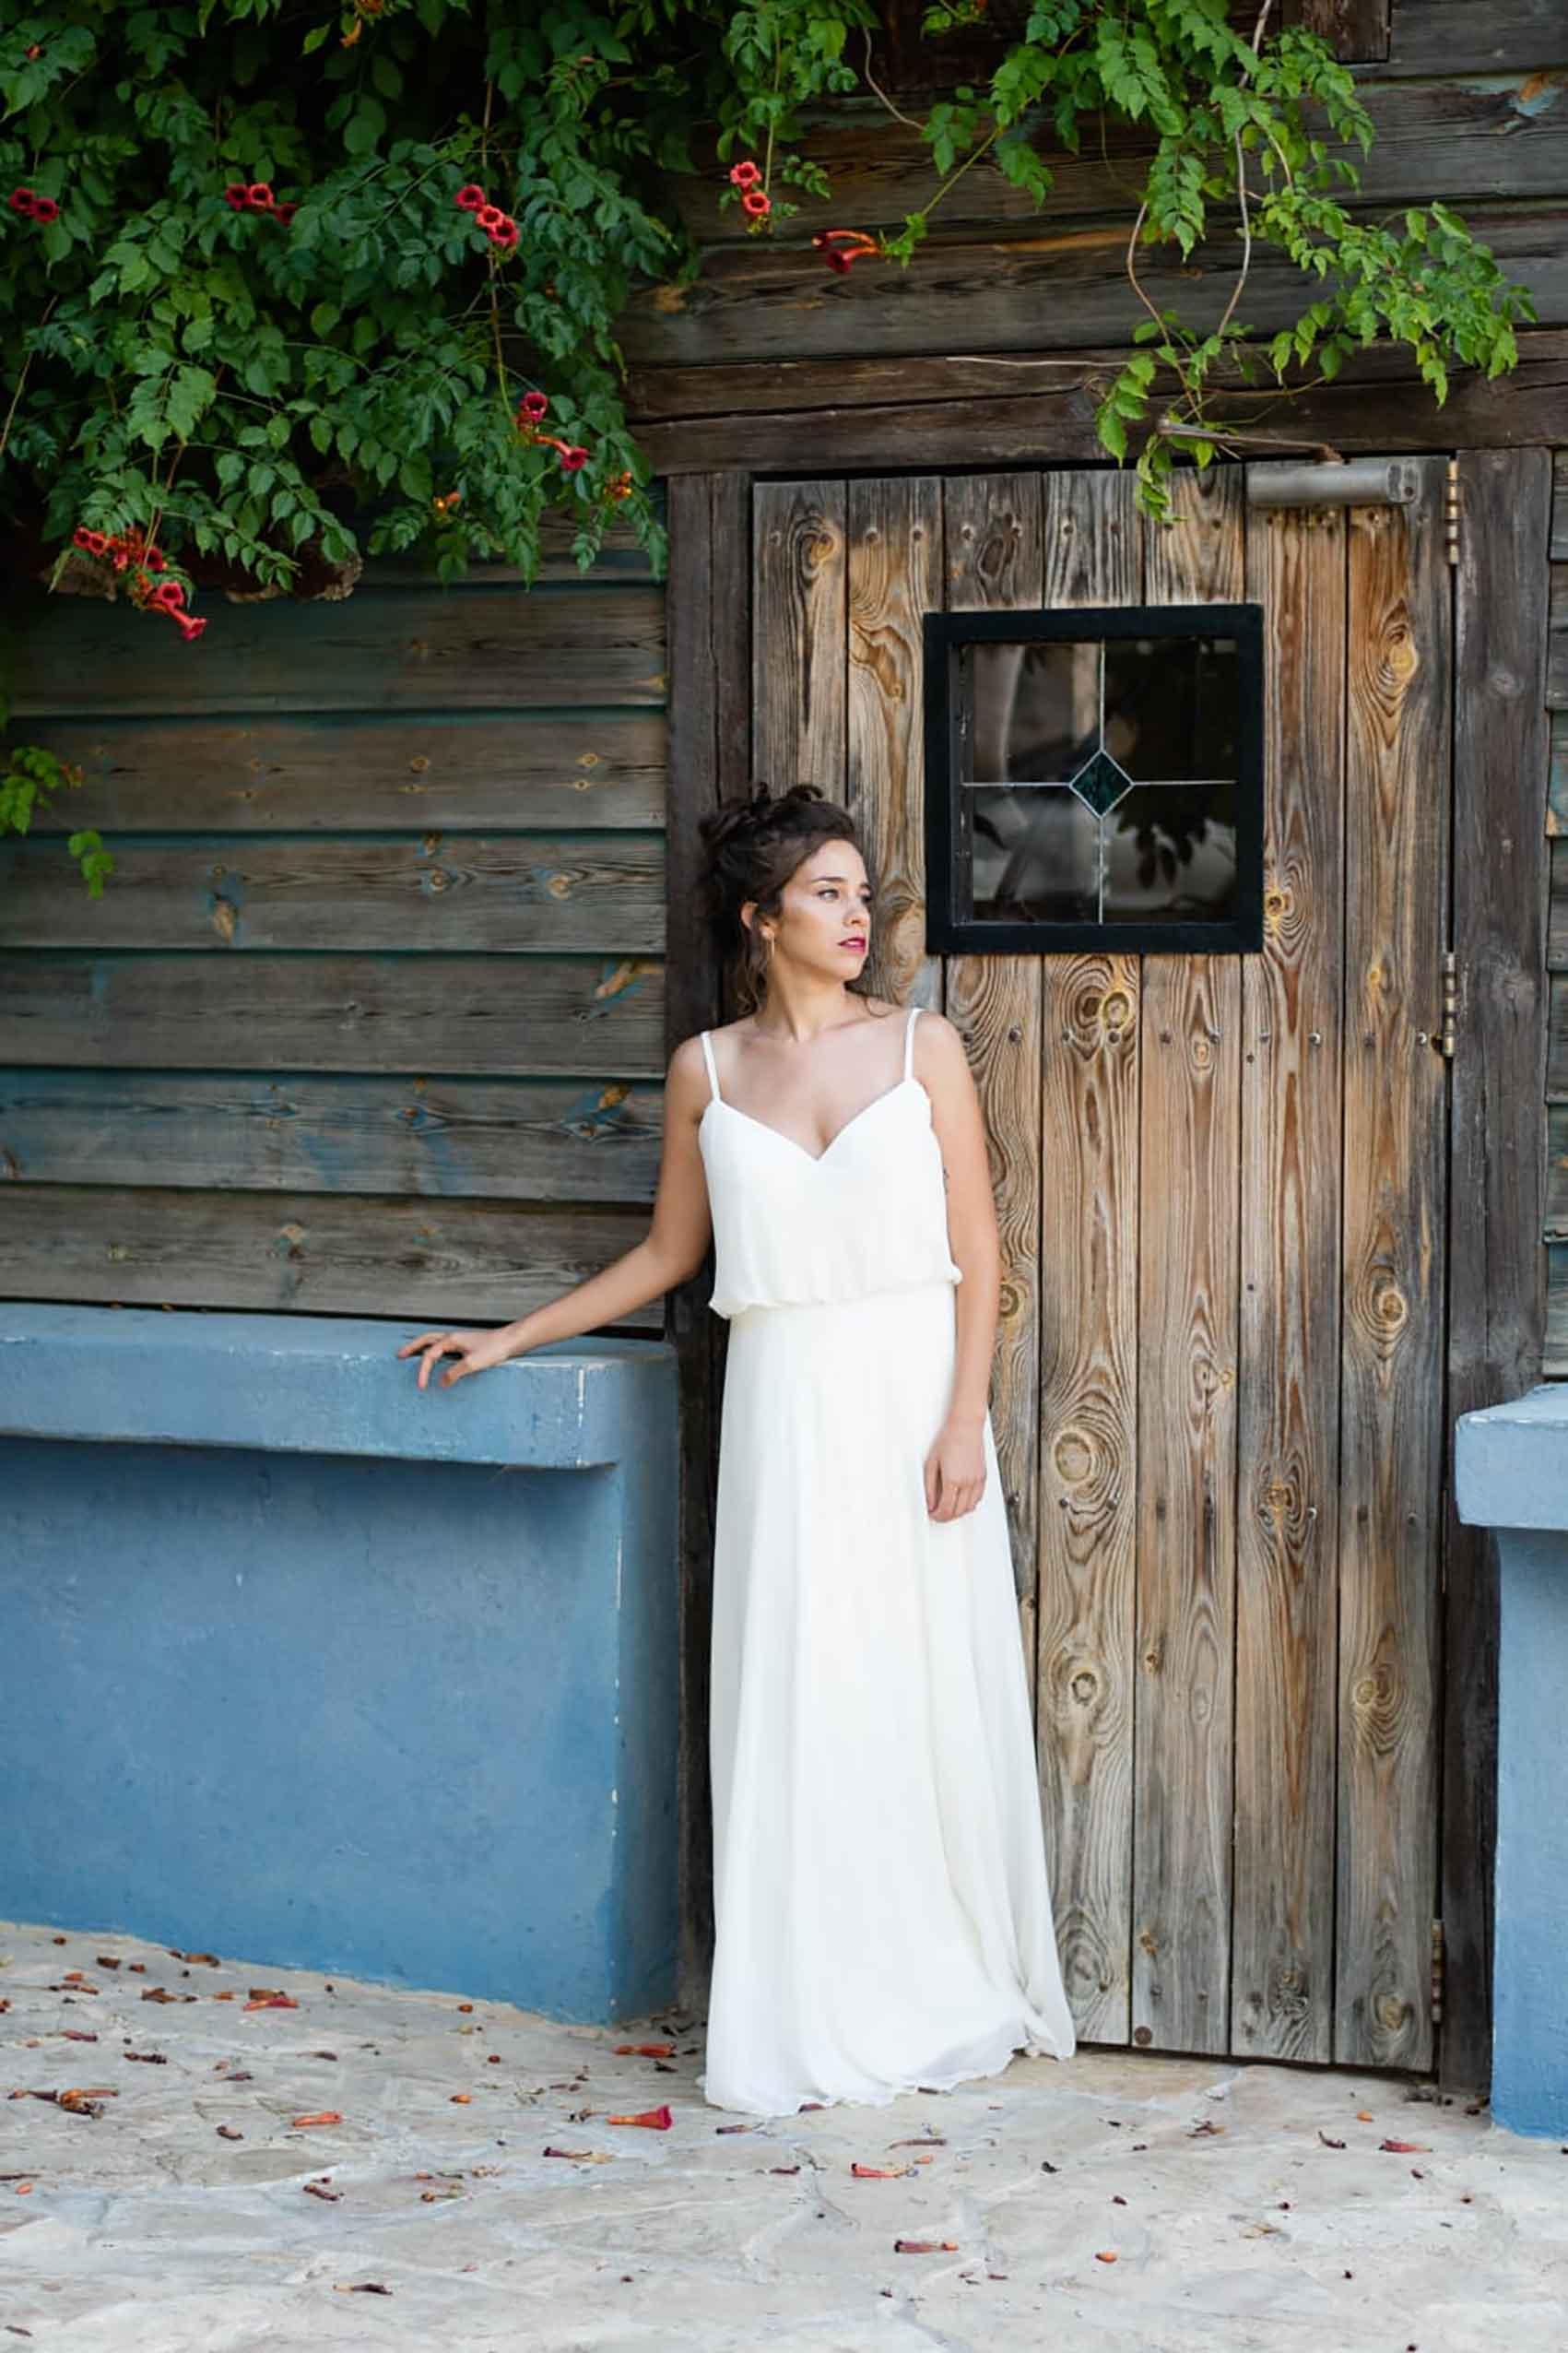 אהבת-הדס-שמלות-כלה-ב-700-שקל-חדשות-האופנה